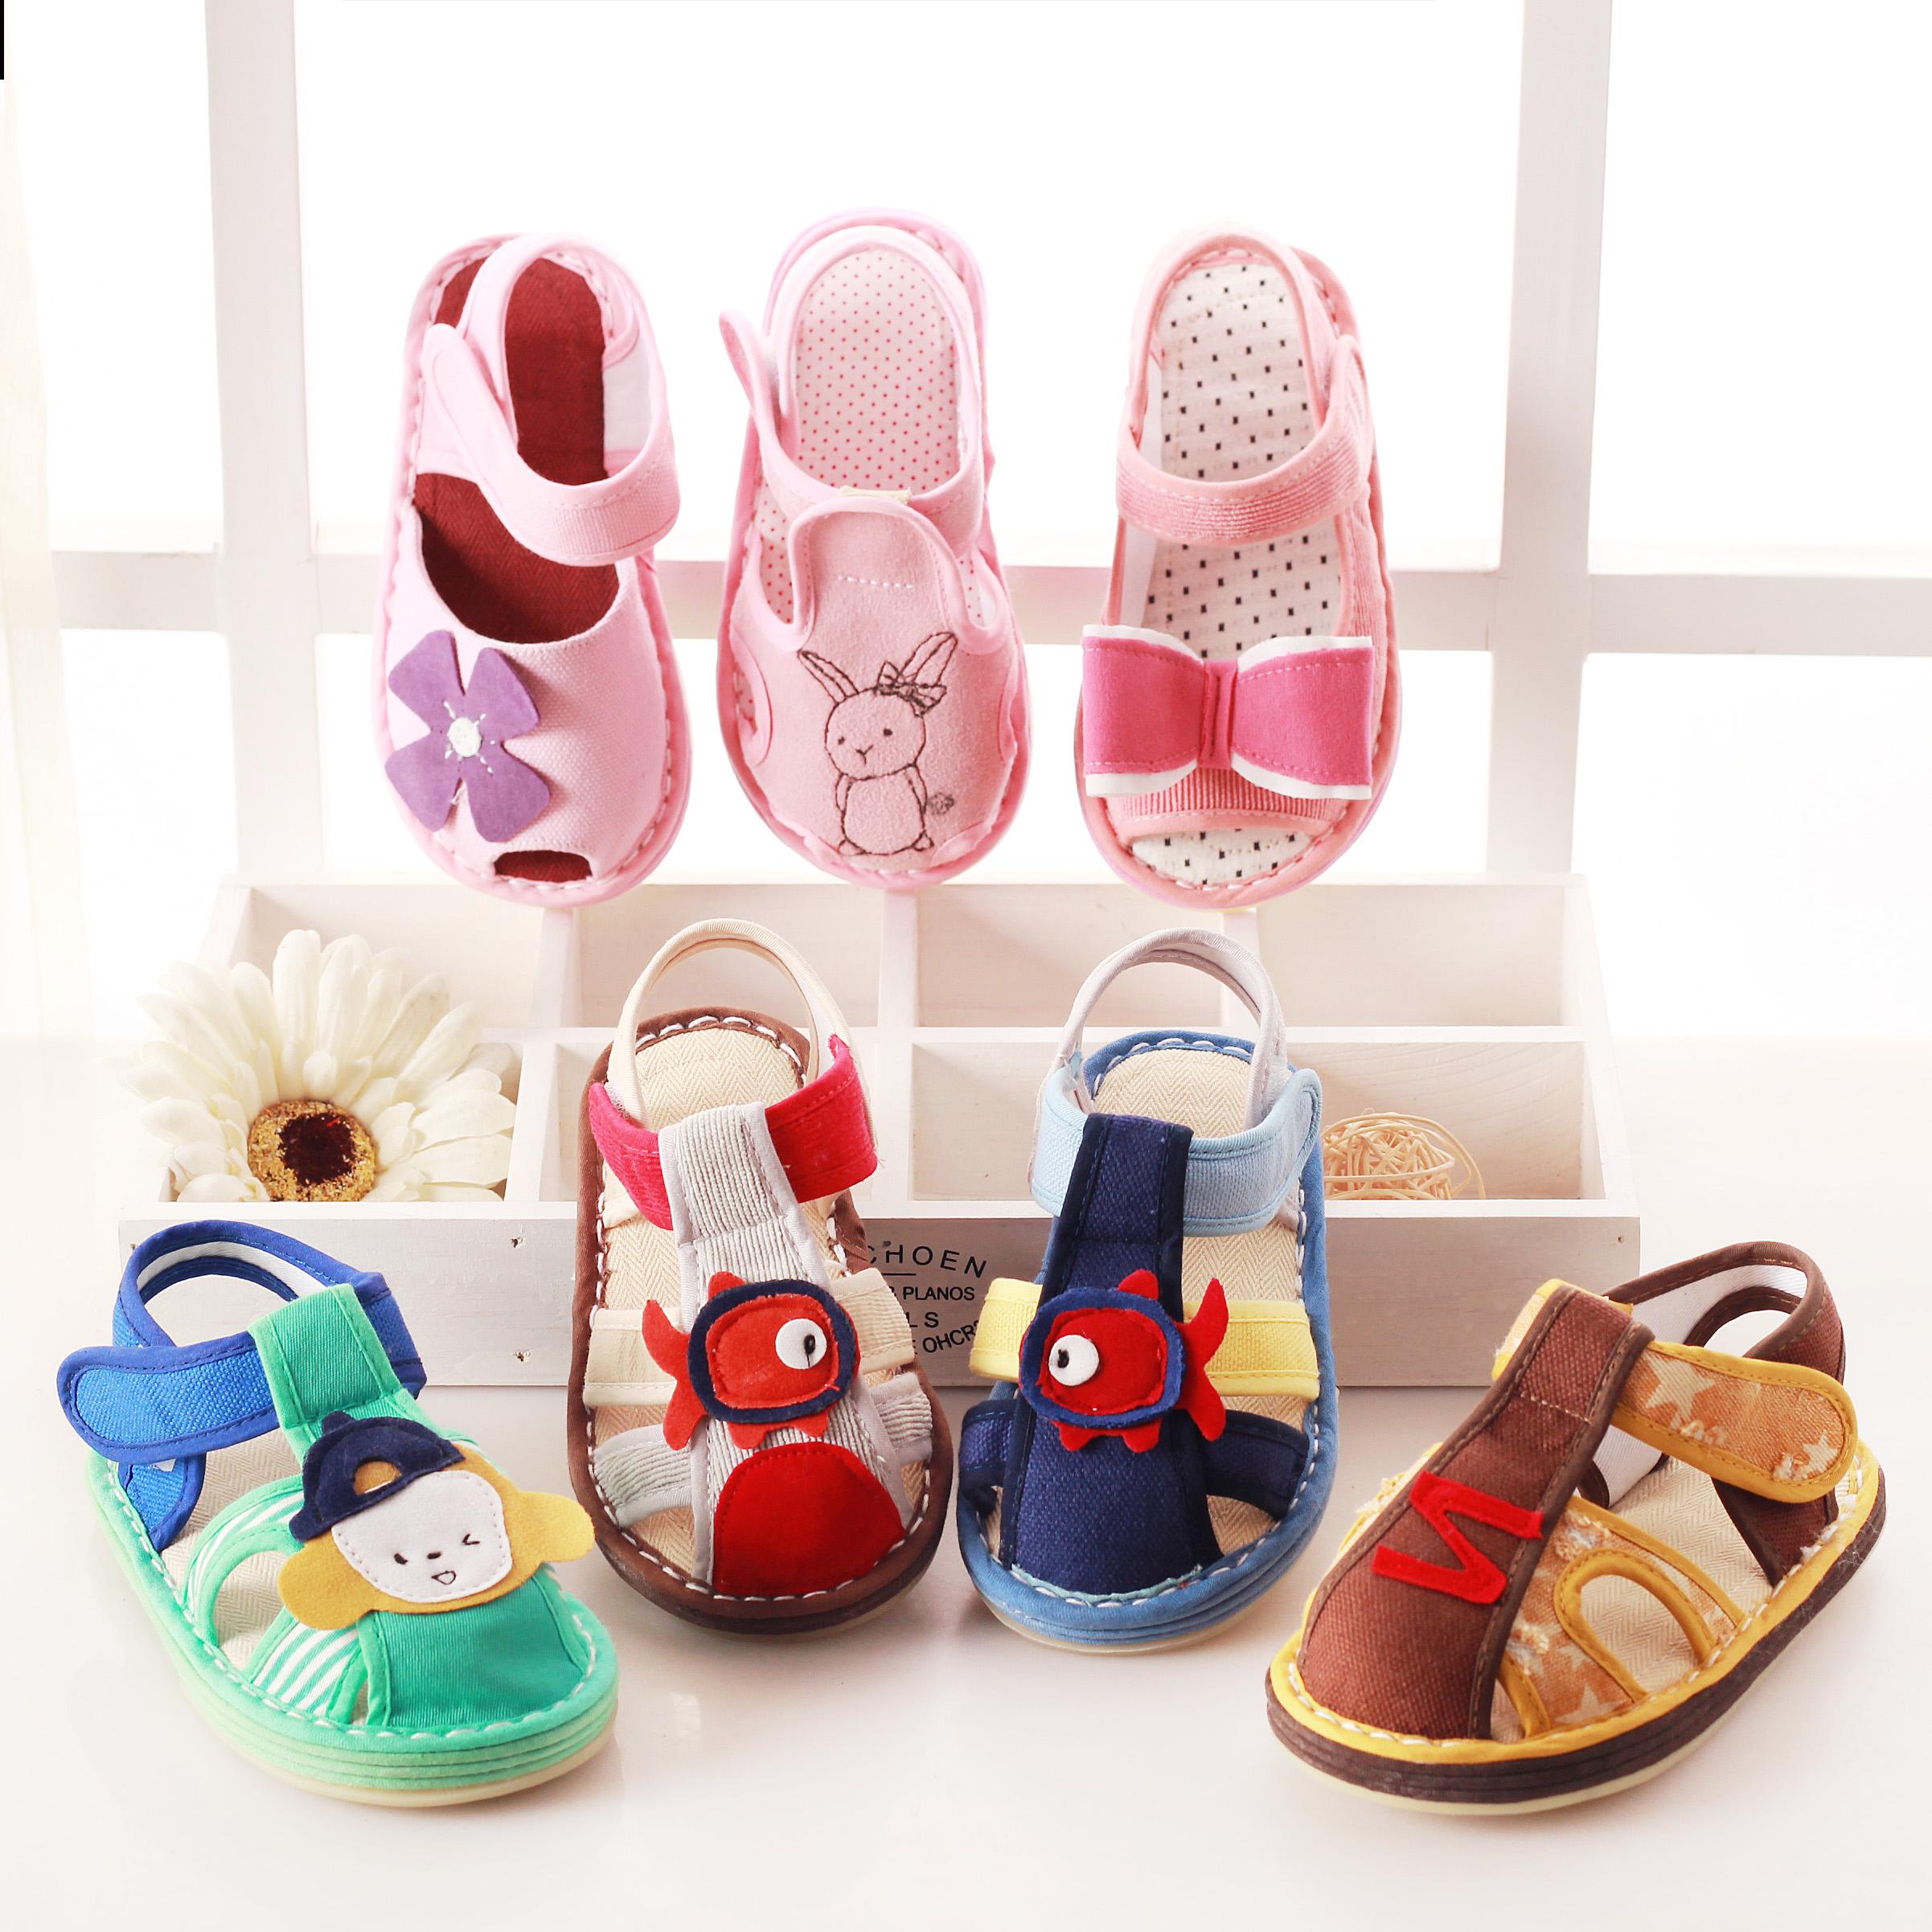 晋豆子夏季新款儿童手工凉布鞋男女童宝宝凉鞋软底防滑卡通家居鞋